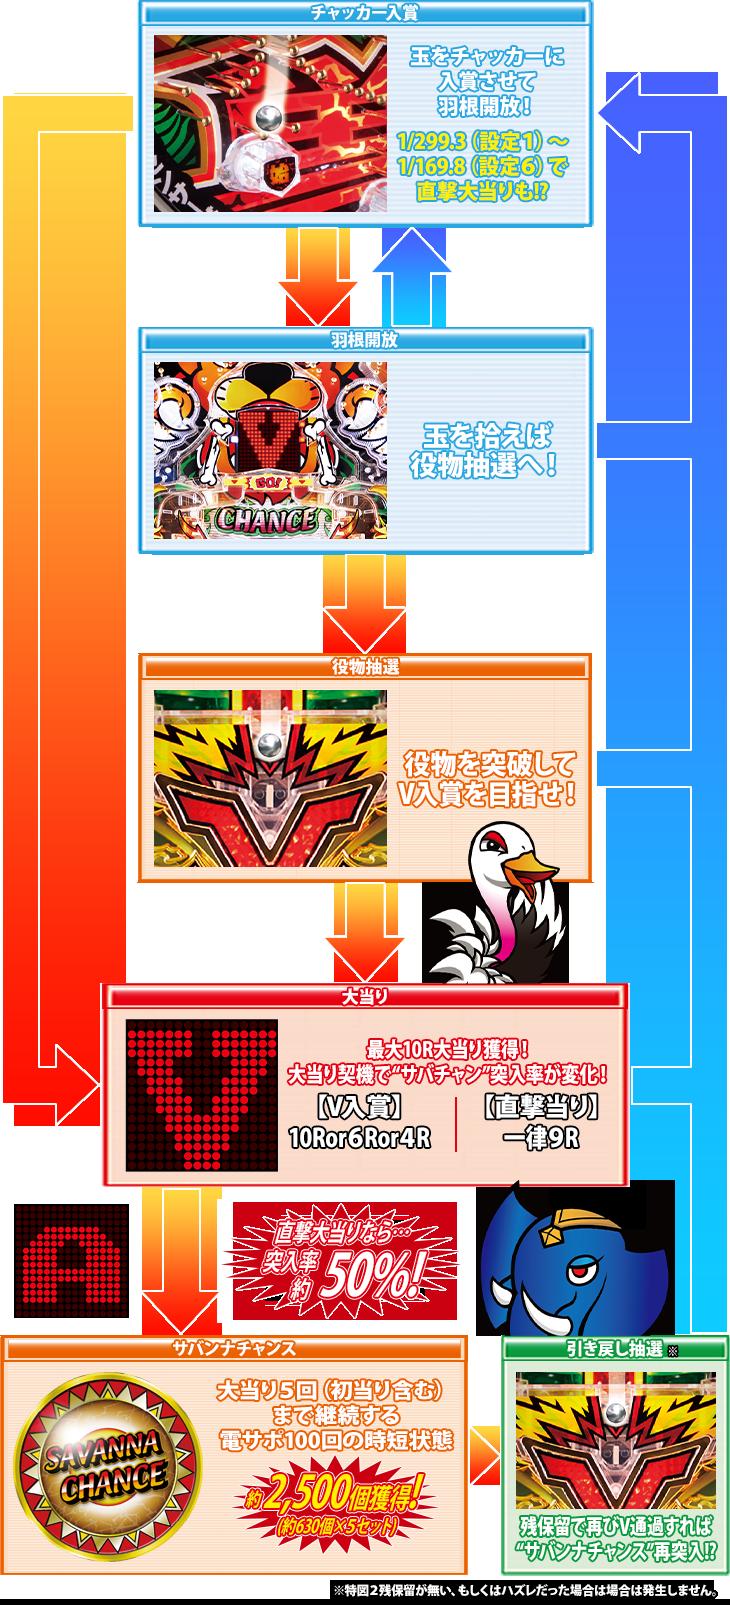 パチンコP羽根モノ獣王GO2のゲームフロー